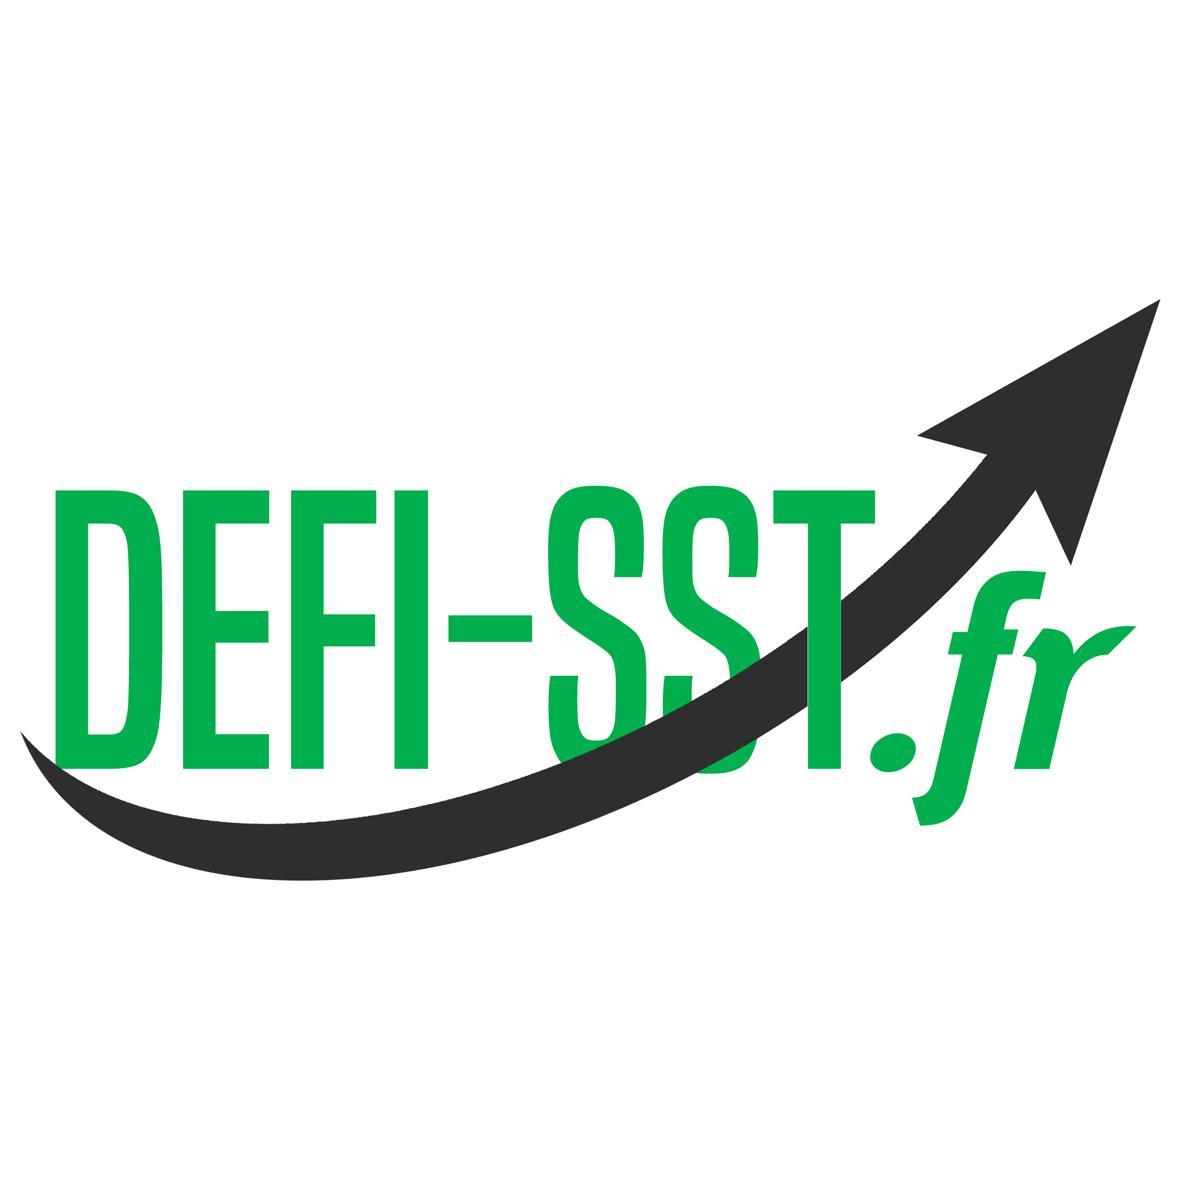 Defi sst logotype 003